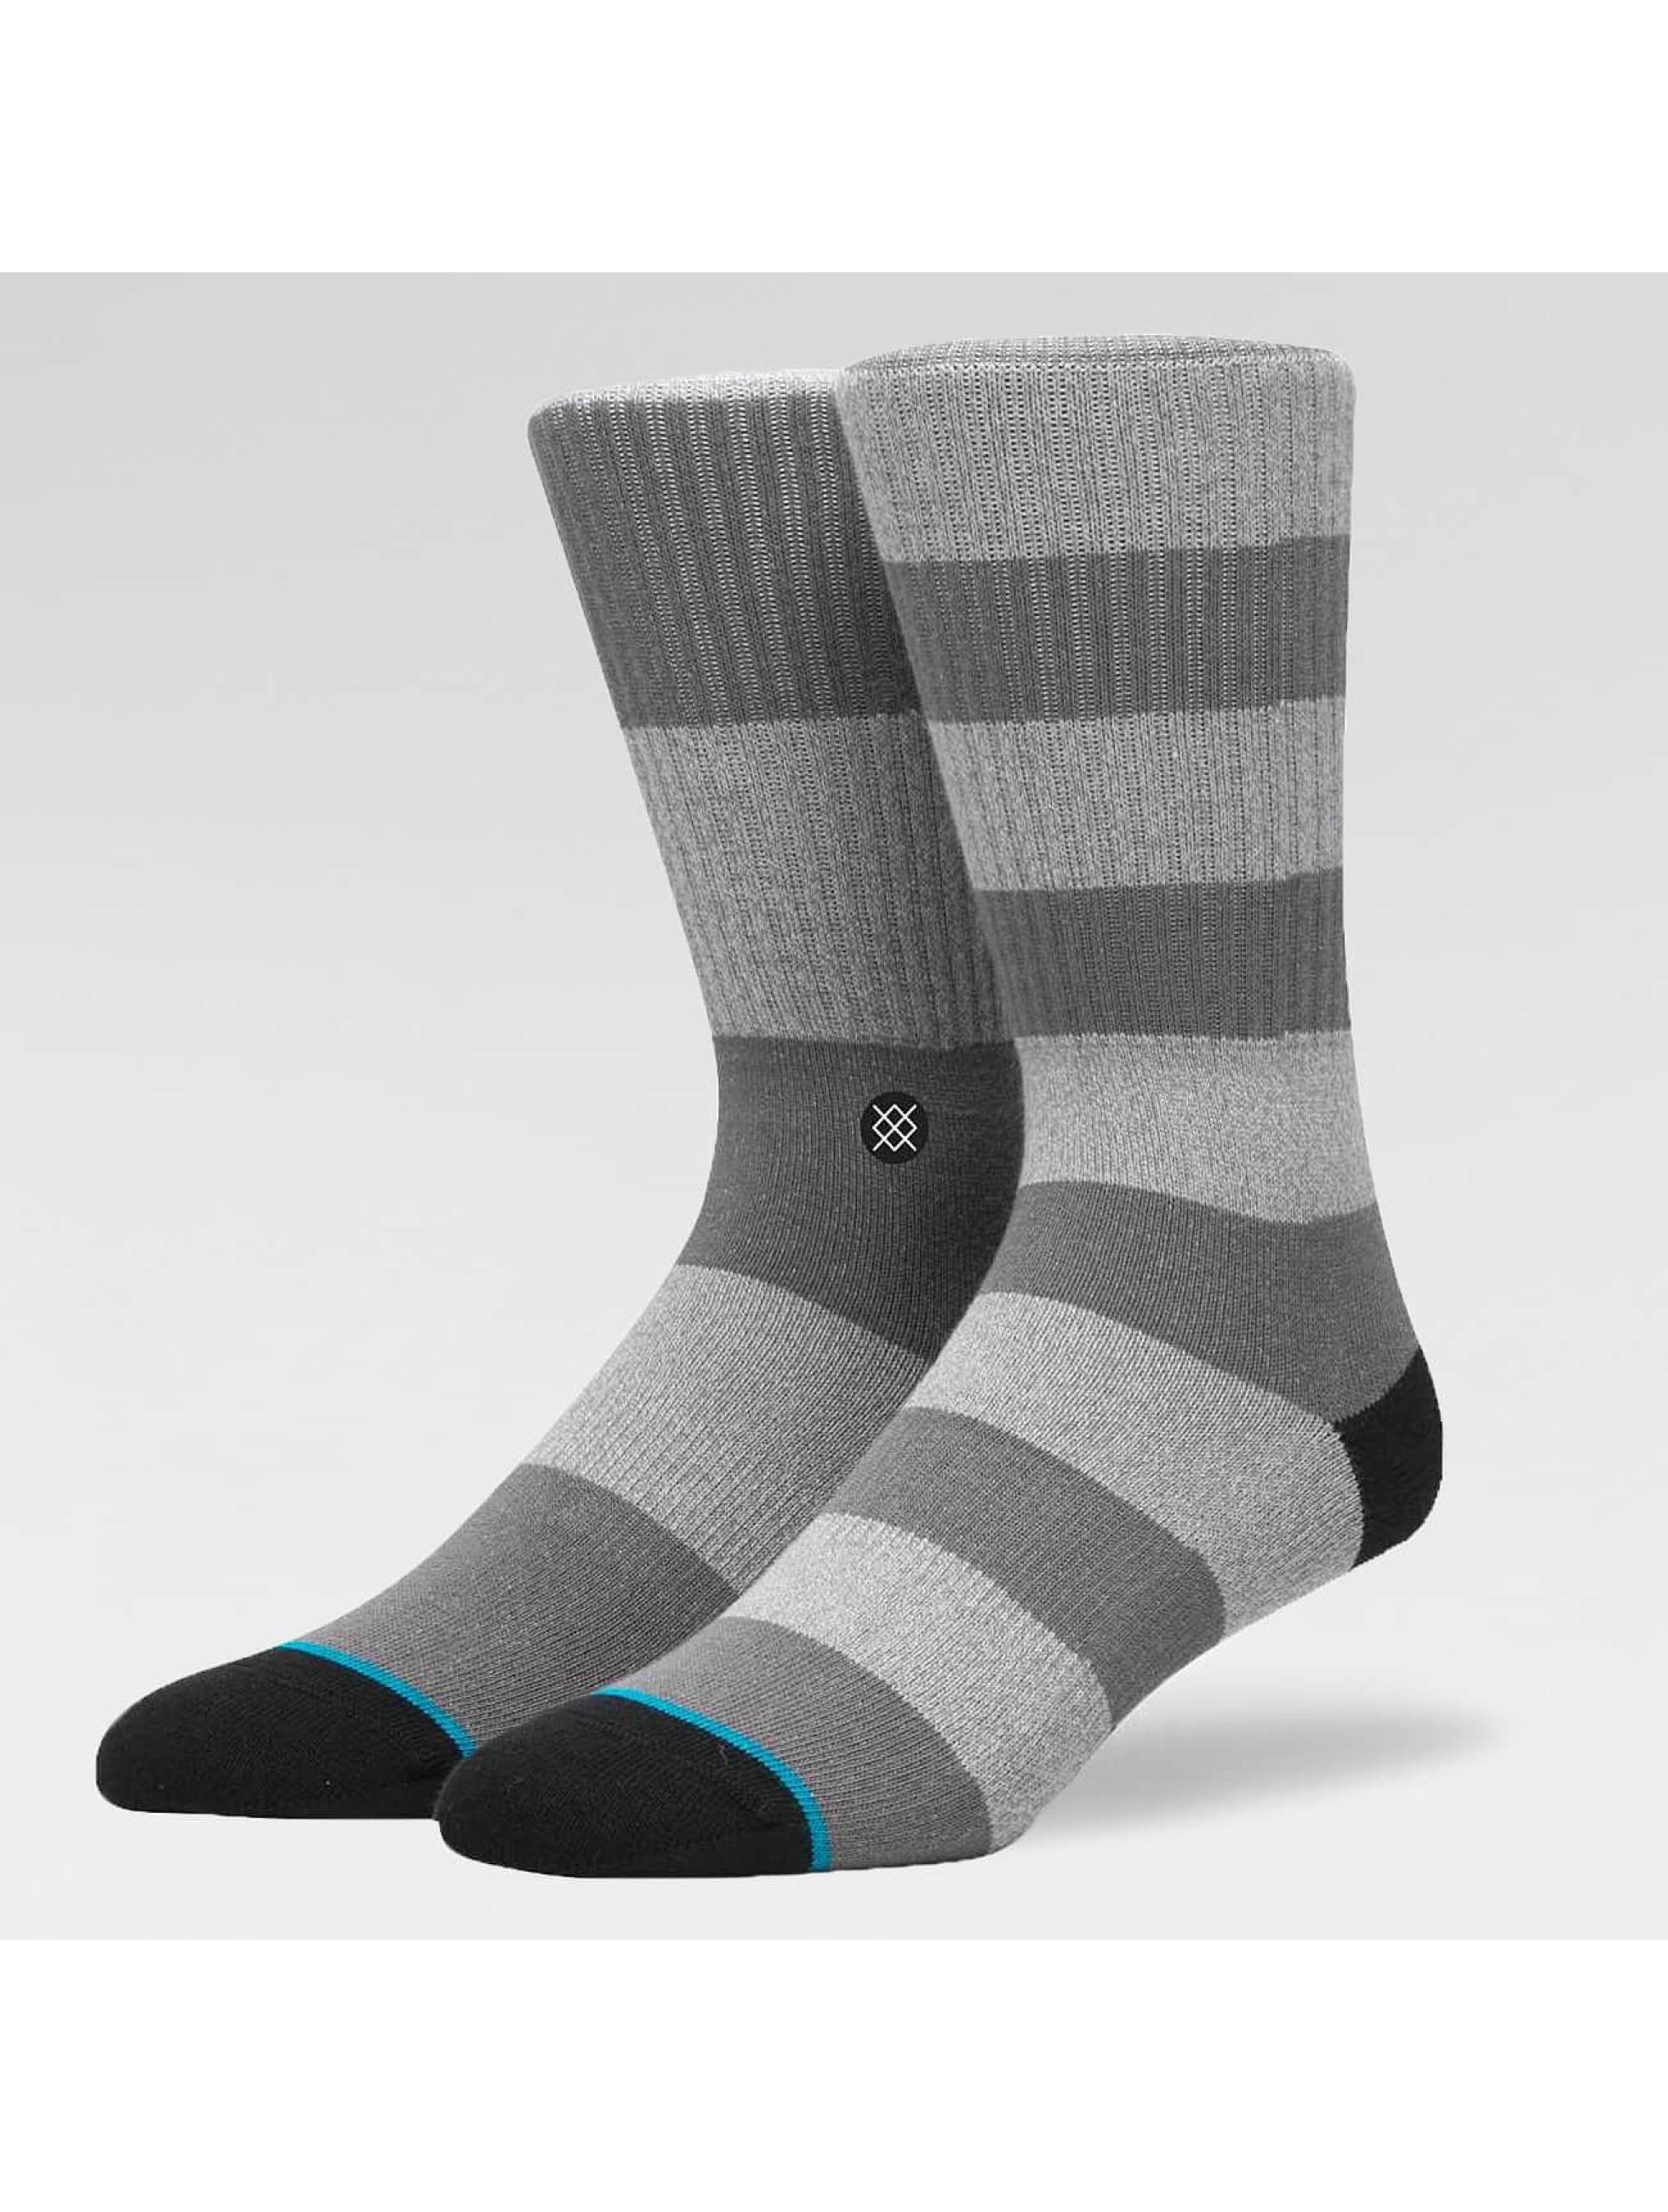 Stance Männer Socken Cadet 2 in grau